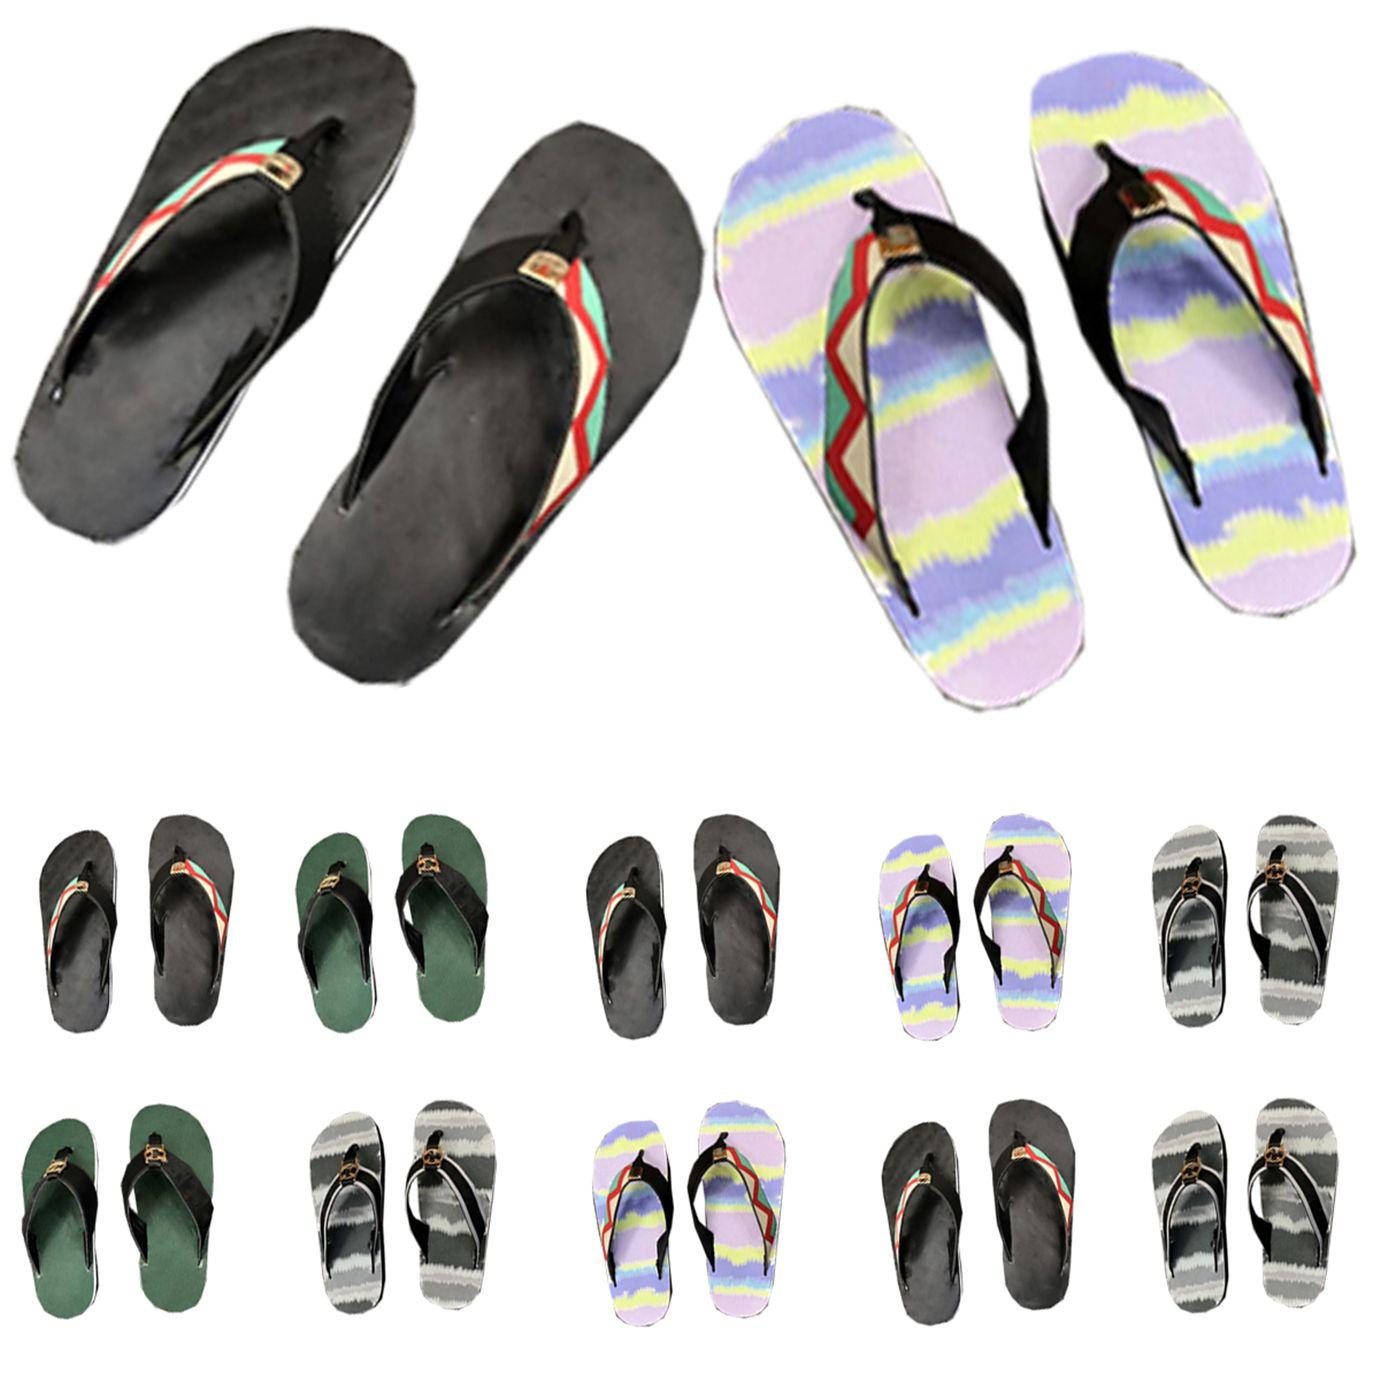 Pantoufles Hommes Chaussures Luxurys Sandales Femmes Mode Designers Plat Diapositives Flip Flip Flops Paris Summer Beach Sexy Brodé Cuir pantoufles avec boîte